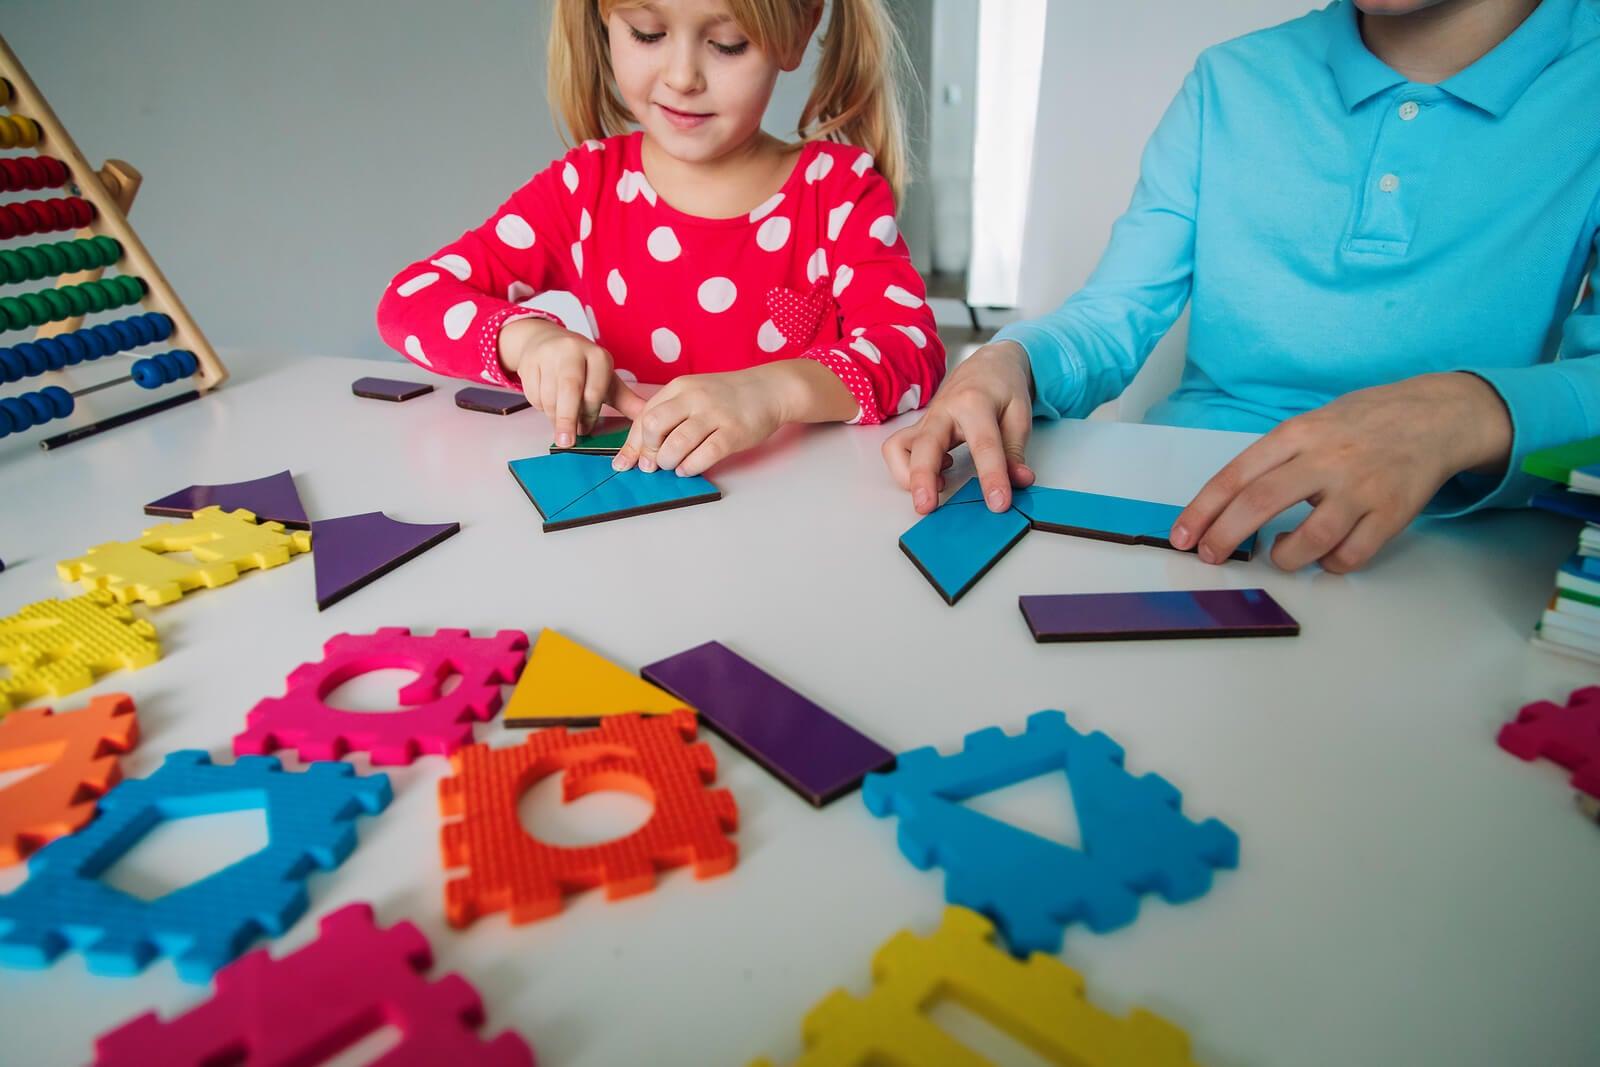 Niños aprendiendo habilidades matemáticas jugando.